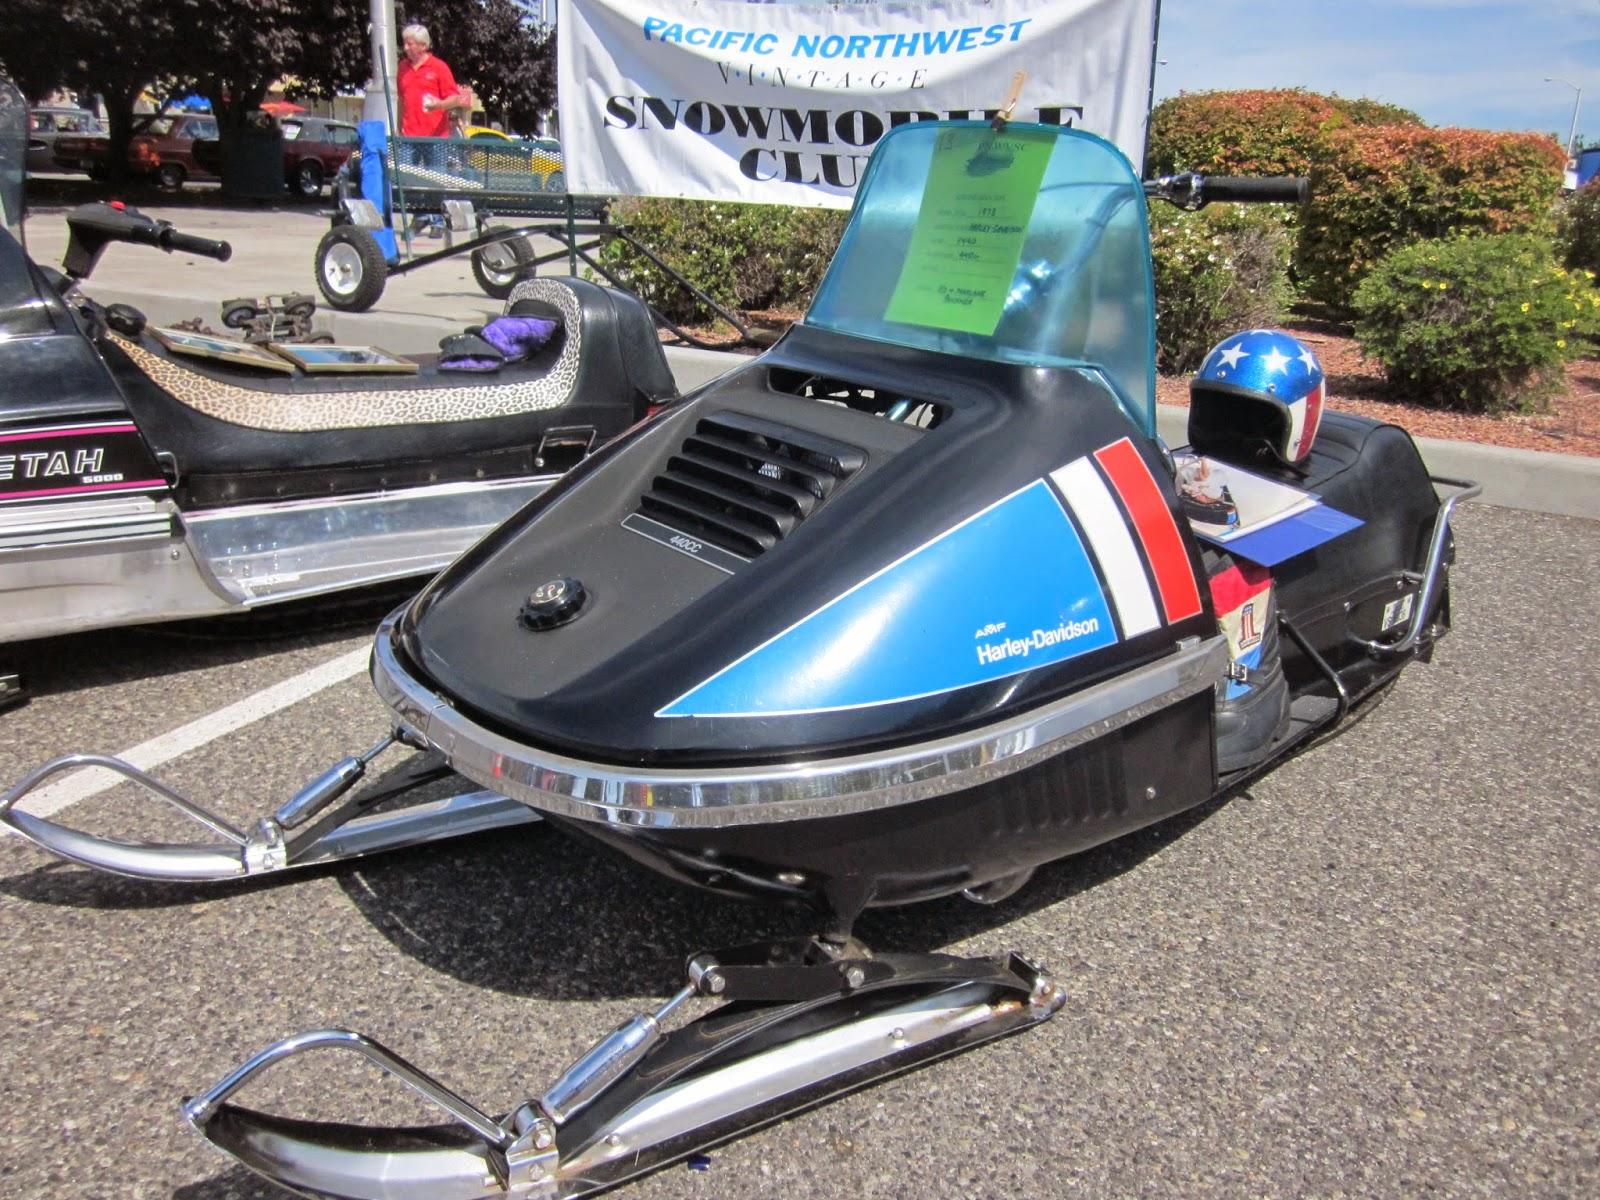 oldmotodude: 1973 harley-davidson y440 snowmobile on display at